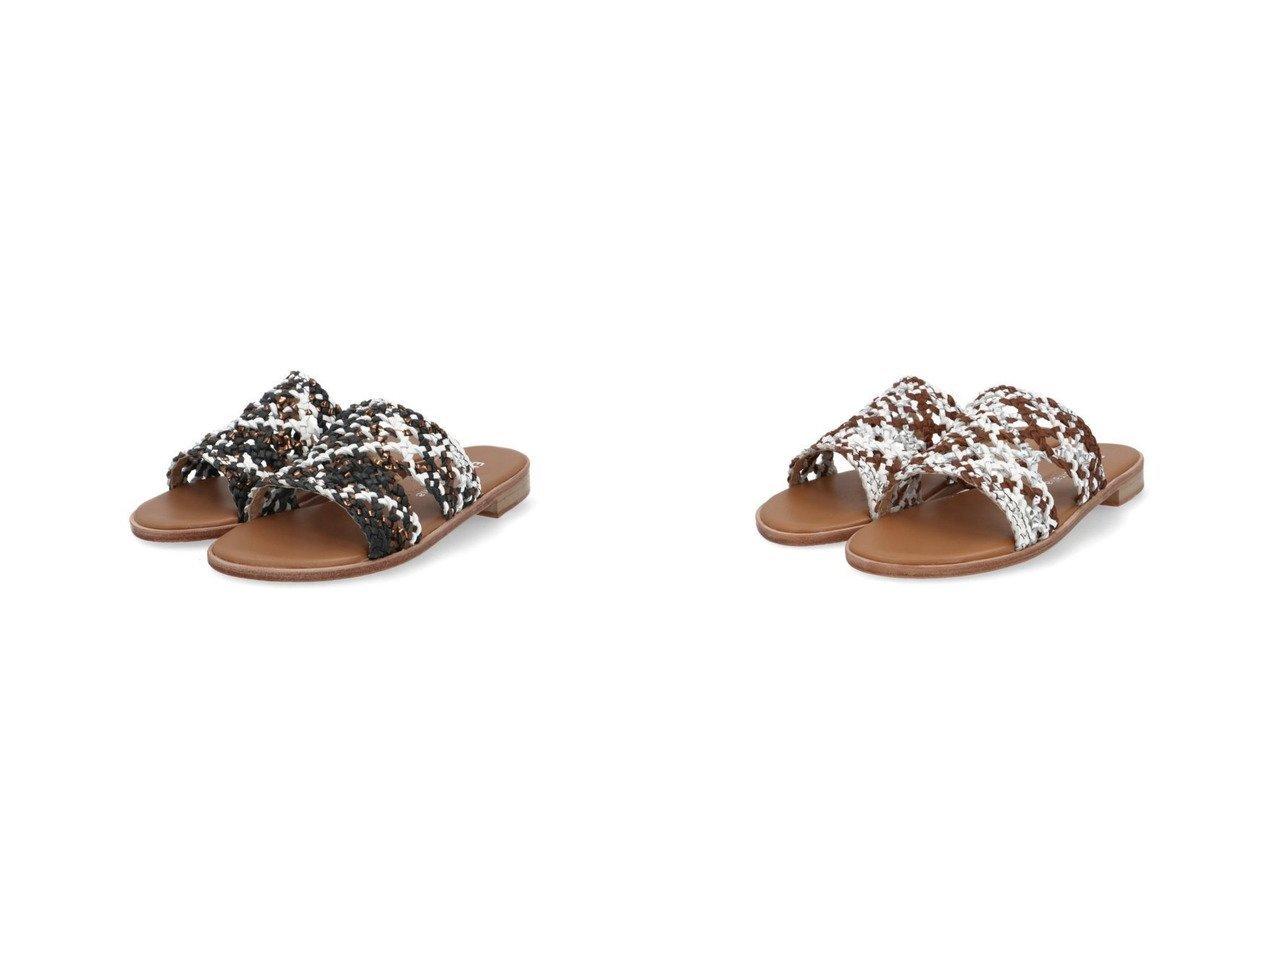 【EMU Australia/エミュ オーストラリア】のKadina Tri 【シューズ・靴】おすすめ!人気、トレンド・レディースファッションの通販 おすすめで人気の流行・トレンド、ファッションの通販商品 インテリア・家具・メンズファッション・キッズファッション・レディースファッション・服の通販 founy(ファニー) https://founy.com/ ファッション Fashion レディースファッション WOMEN サンダル シューズ シンプル ミュール モダン |ID:crp329100000049948